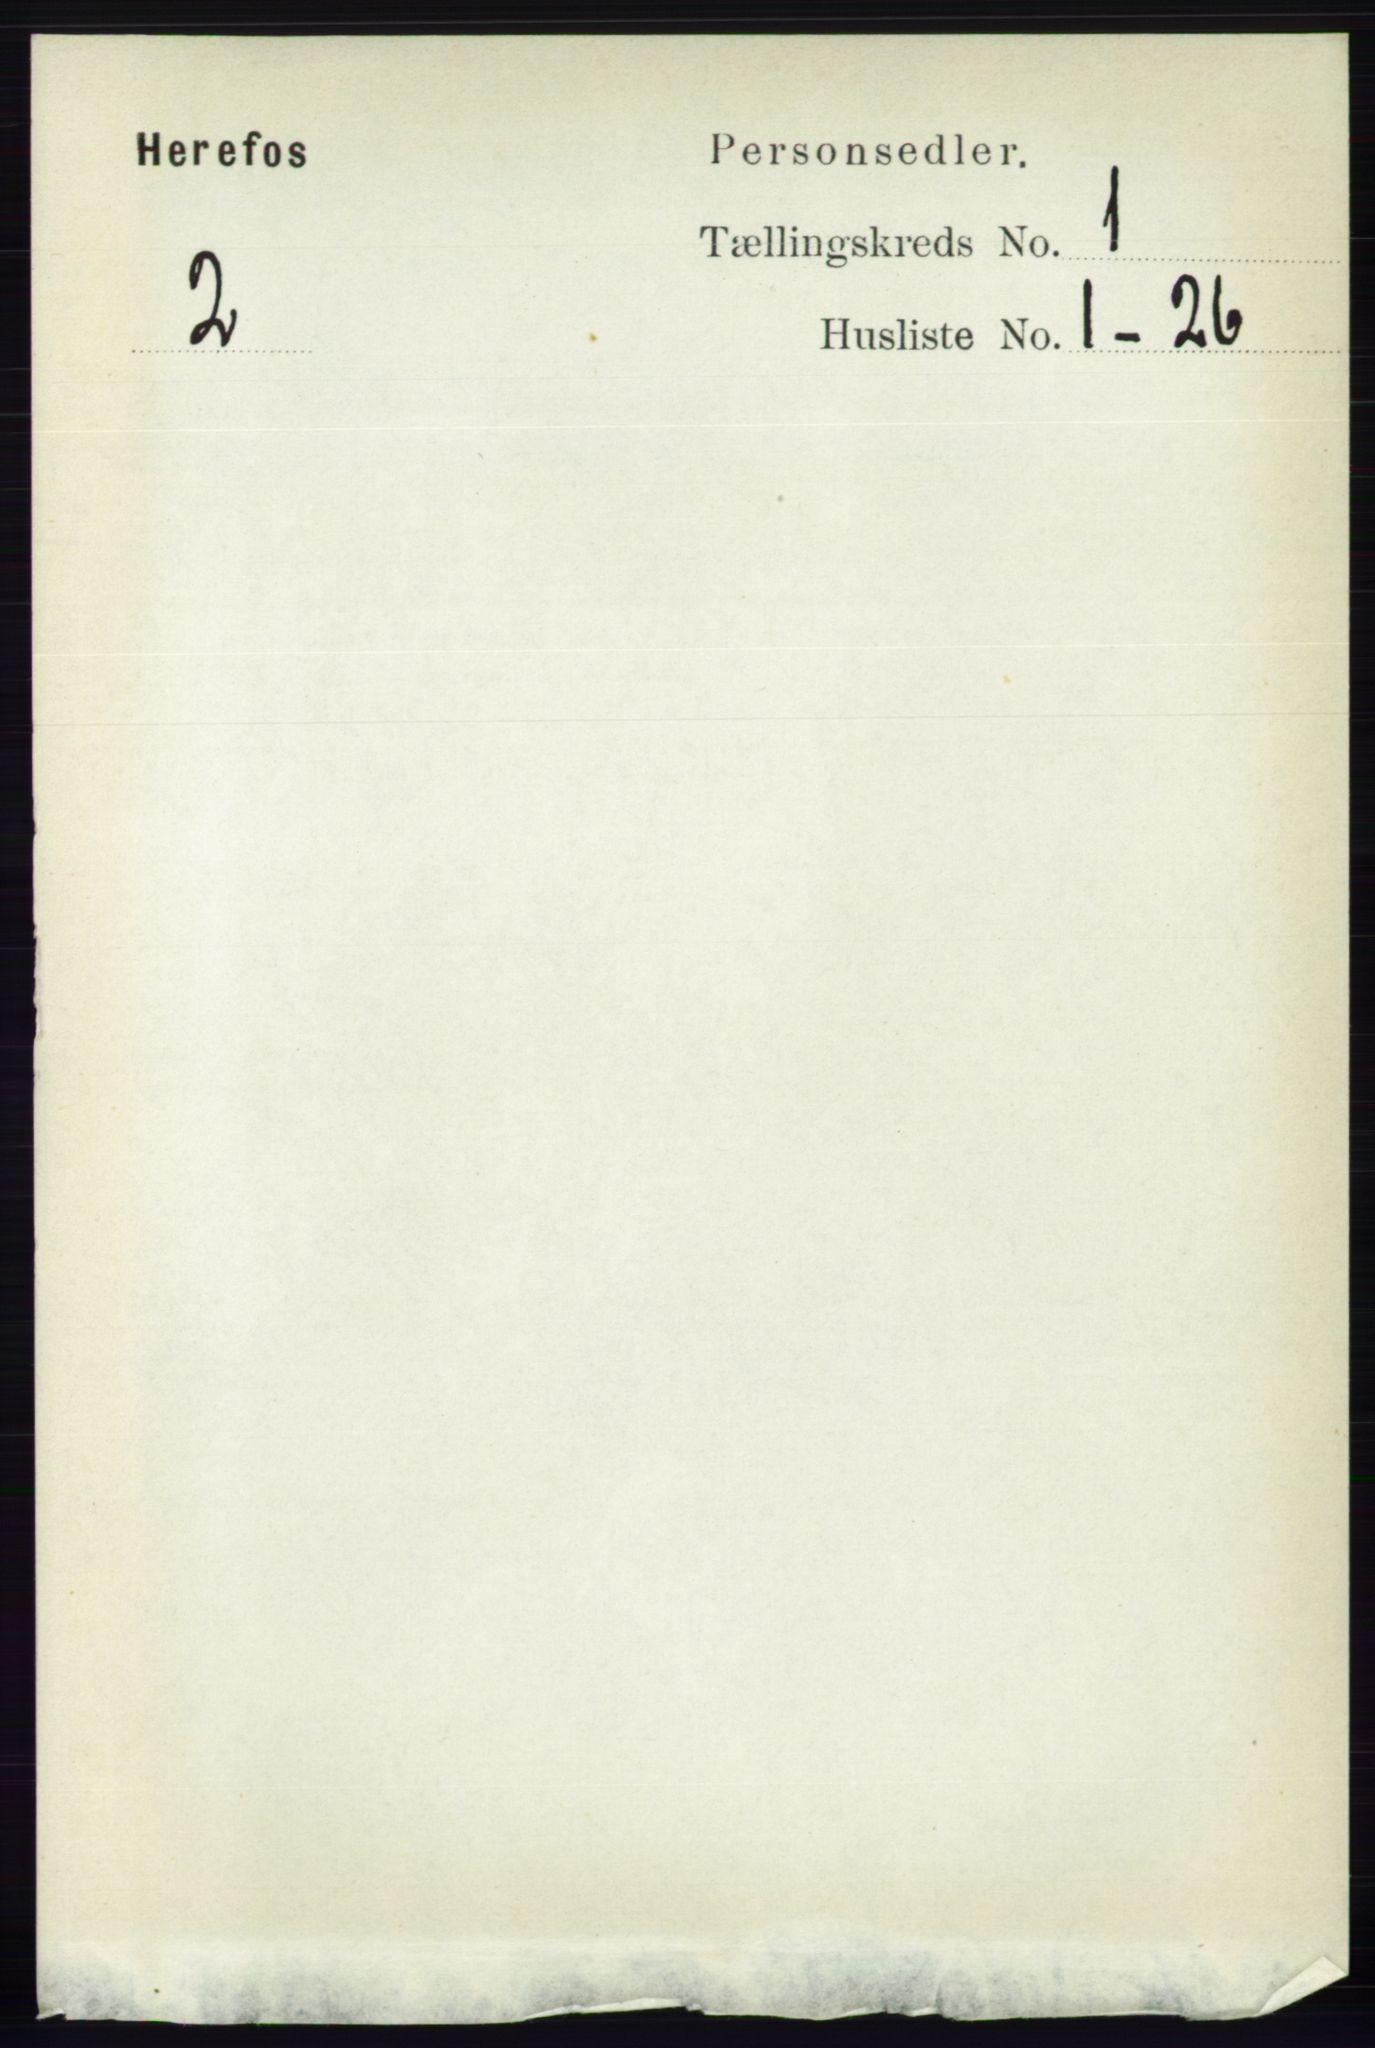 RA, Folketelling 1891 for 0933 Herefoss herred, 1891, s. 40